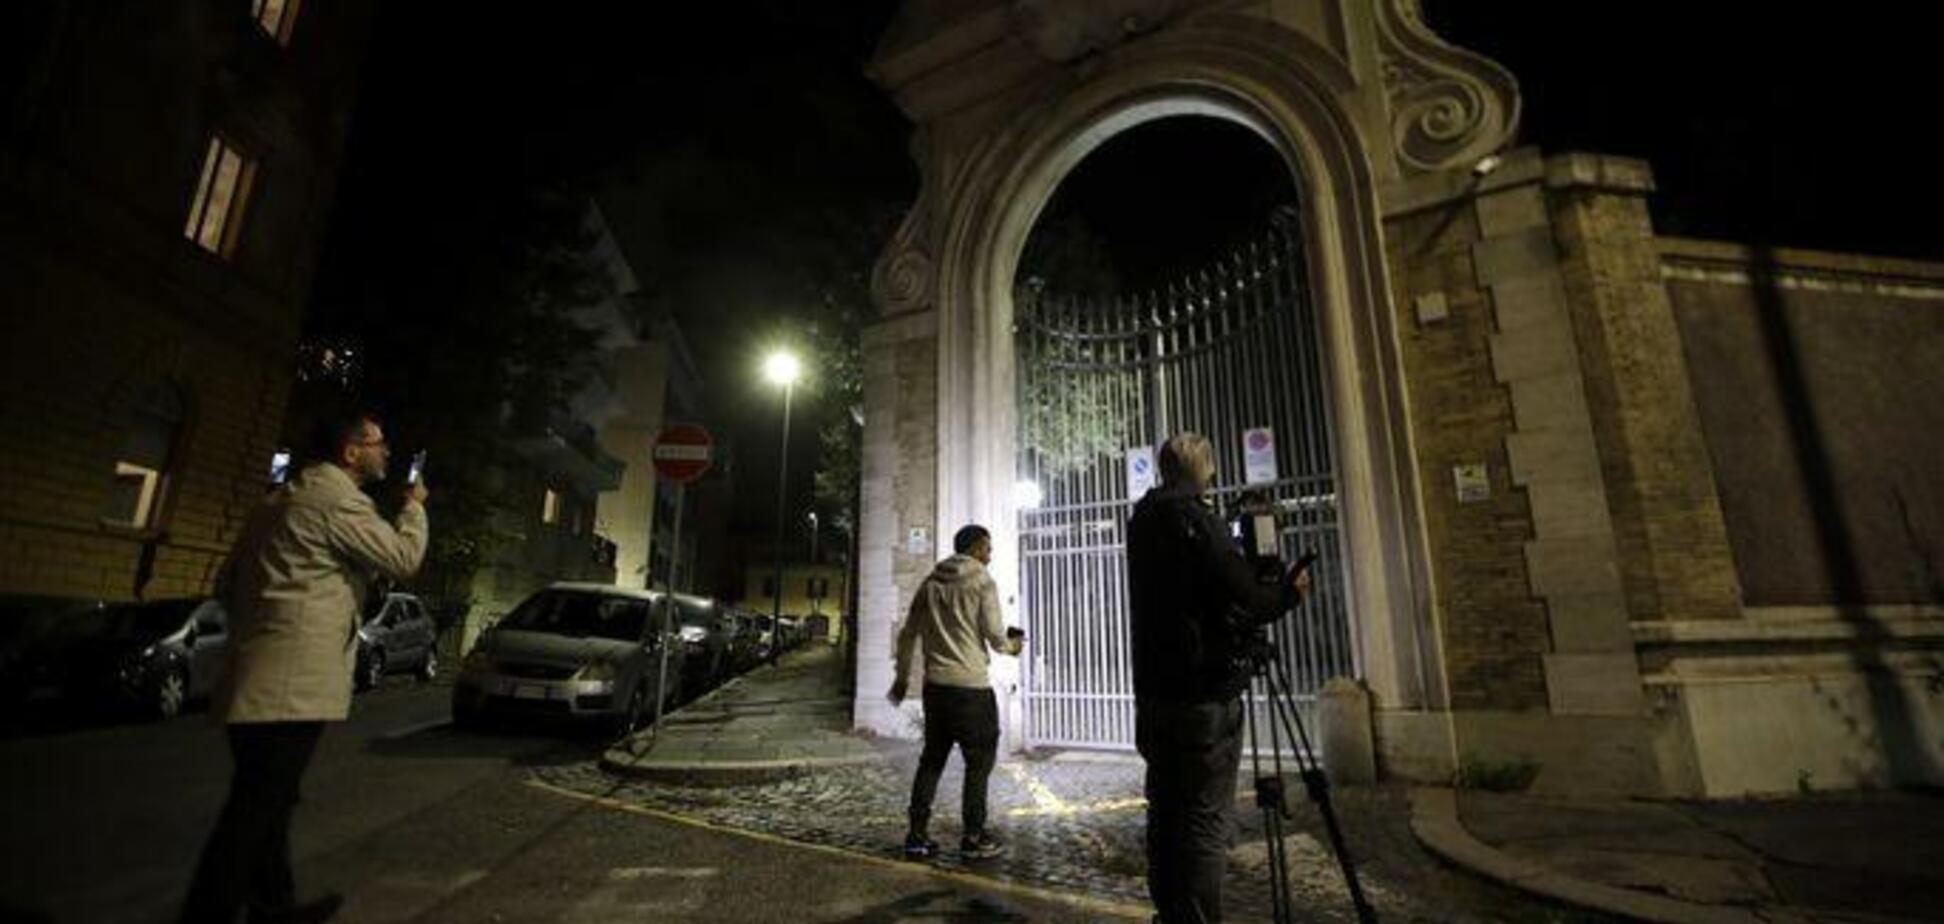 У посольстві Ватикану знайдено череп: там зникли дві дівчинки